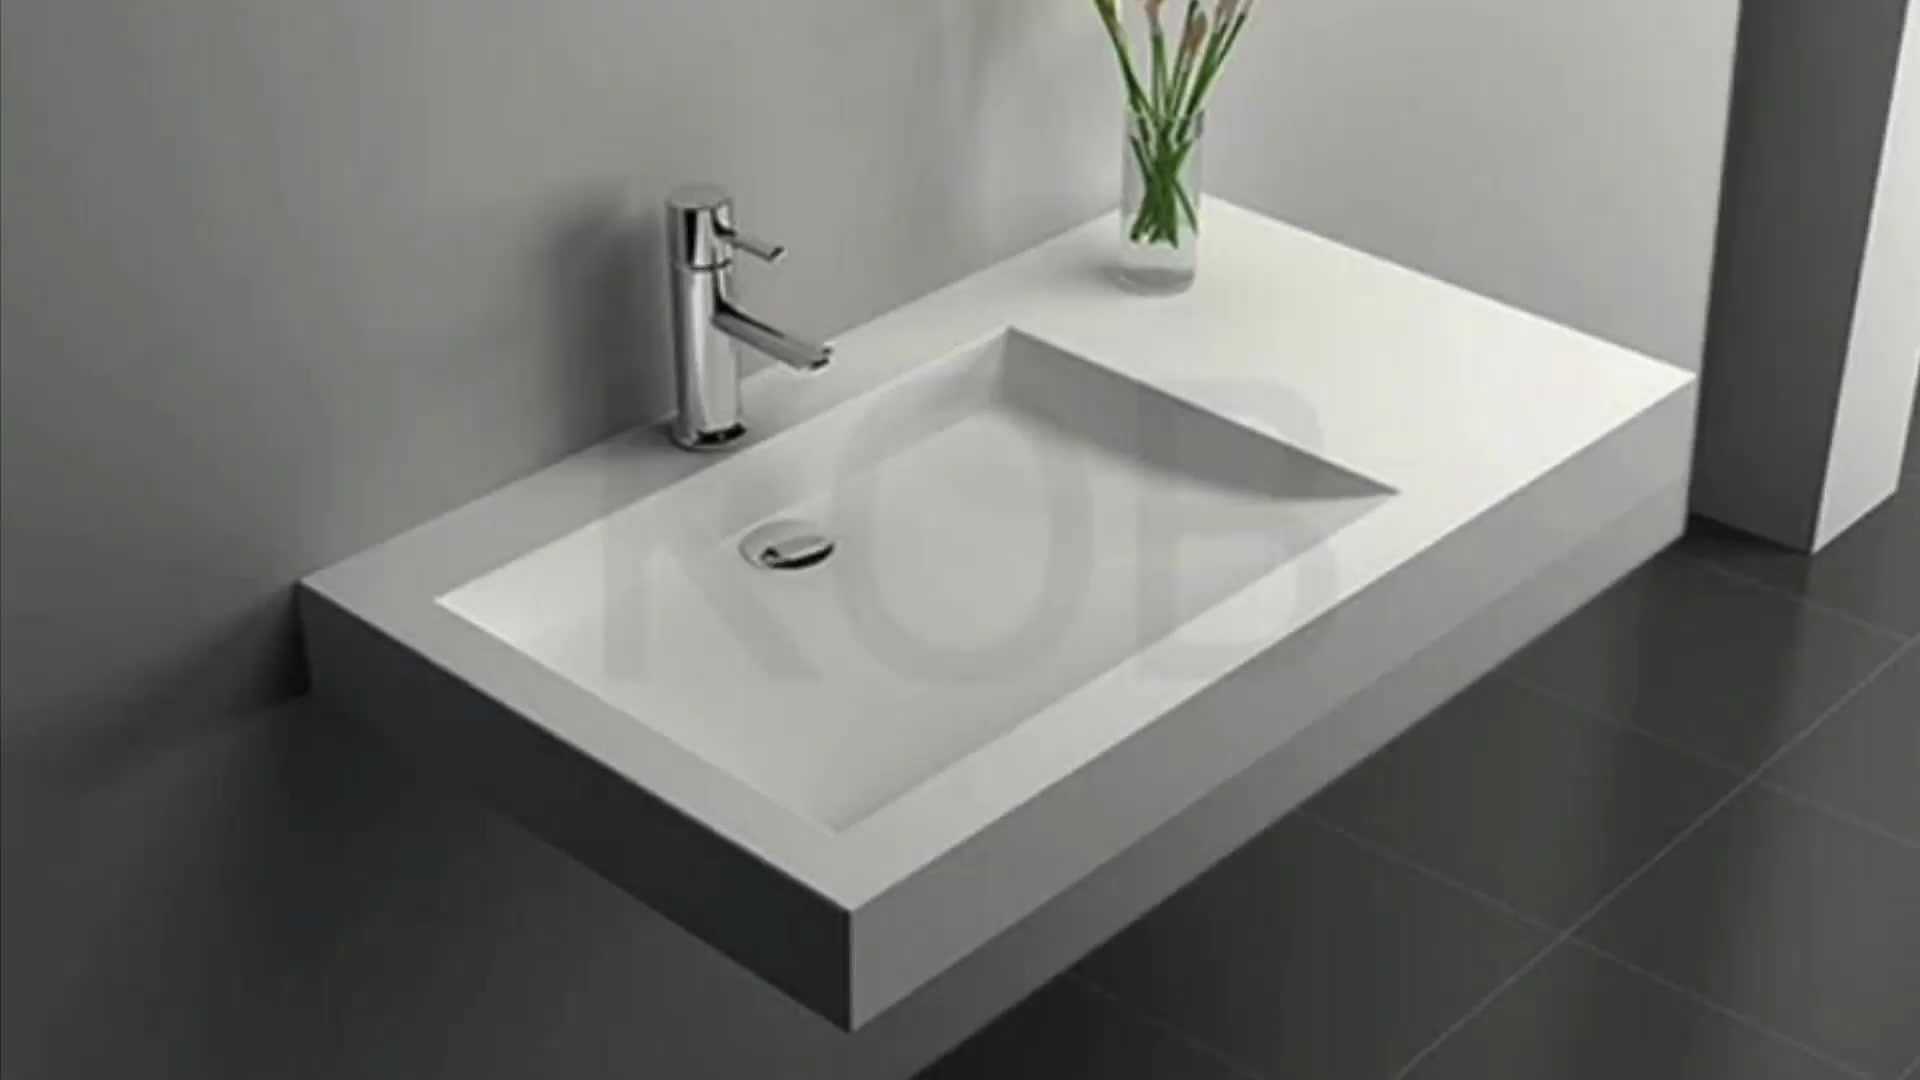 CK2001 حوض حوض معلق سطحي مسطح معلق حوض حمام مزخرف